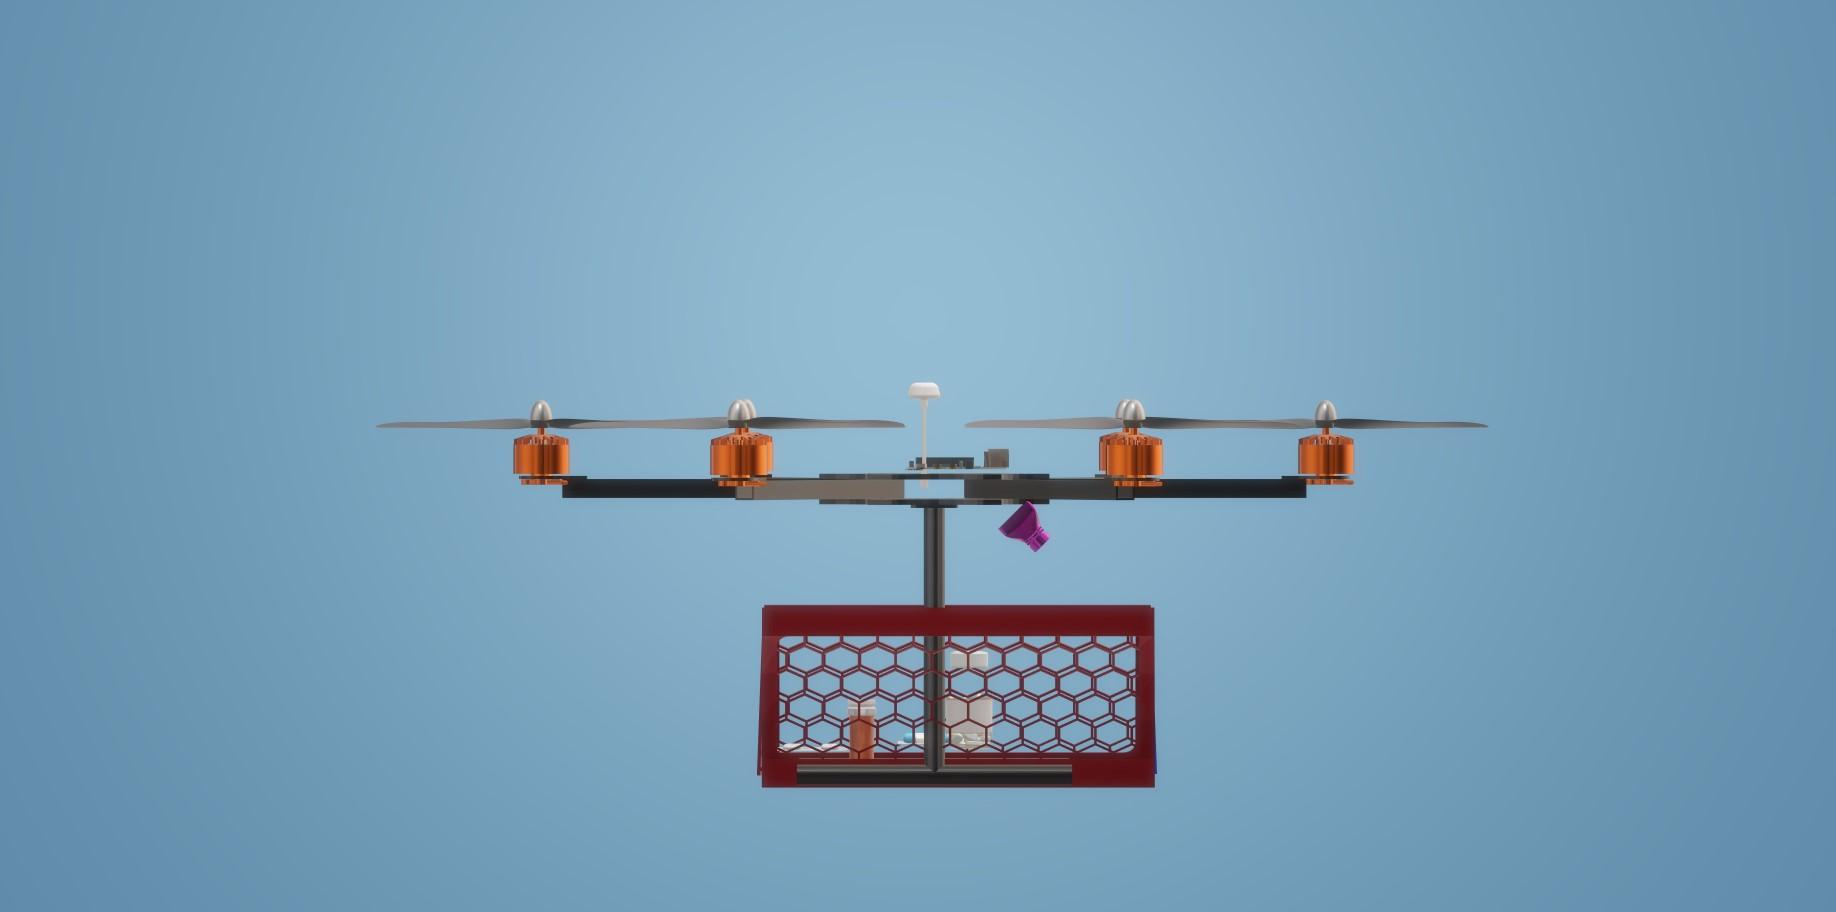 Nevon medicine delivery drone